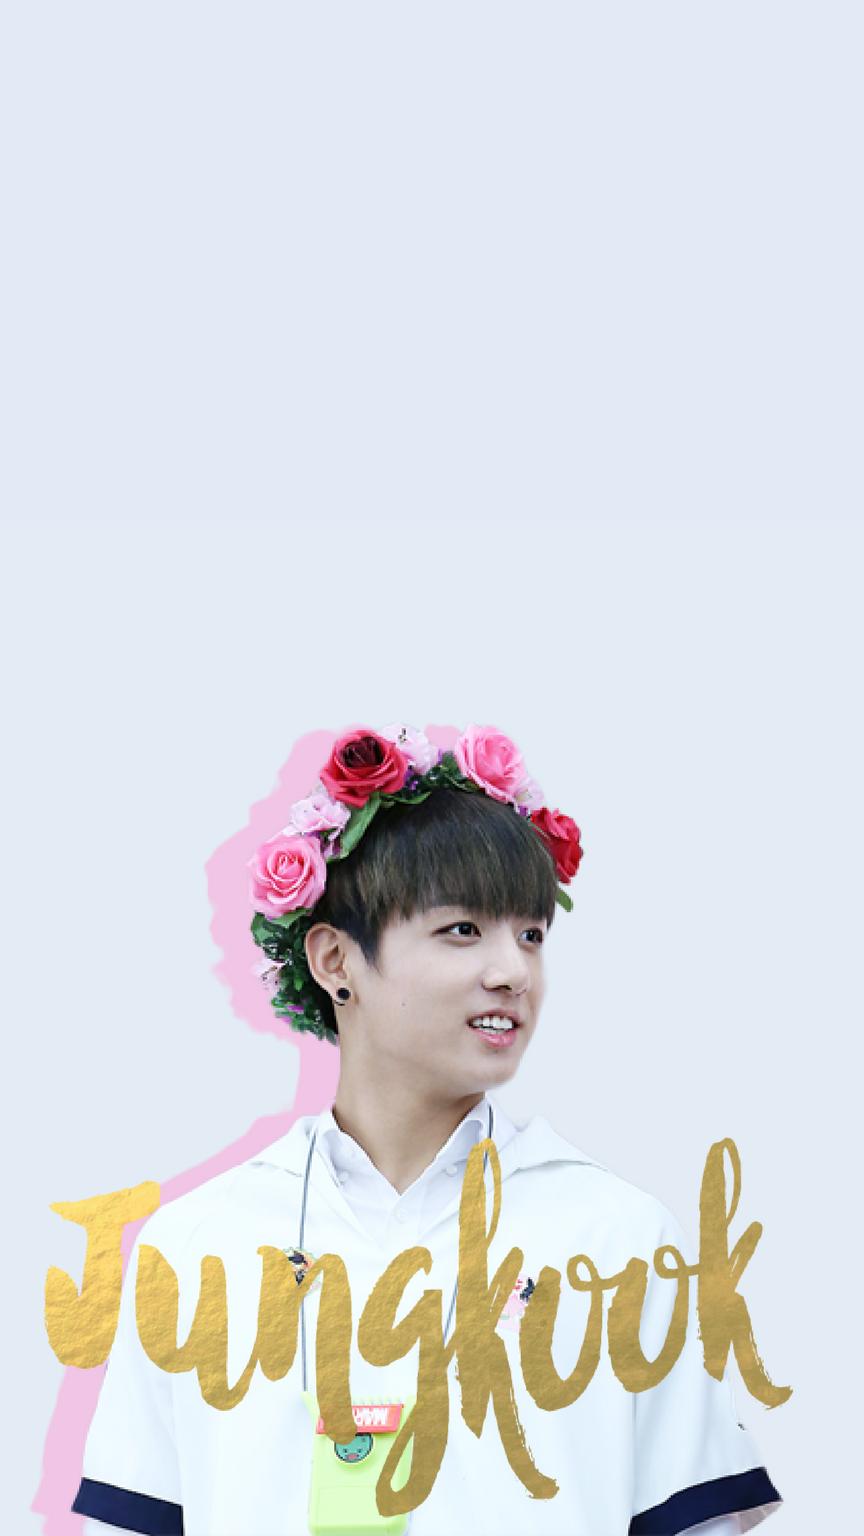 Jungkook wallpaper BTS 2018 Season's greetings ♡ Gambar